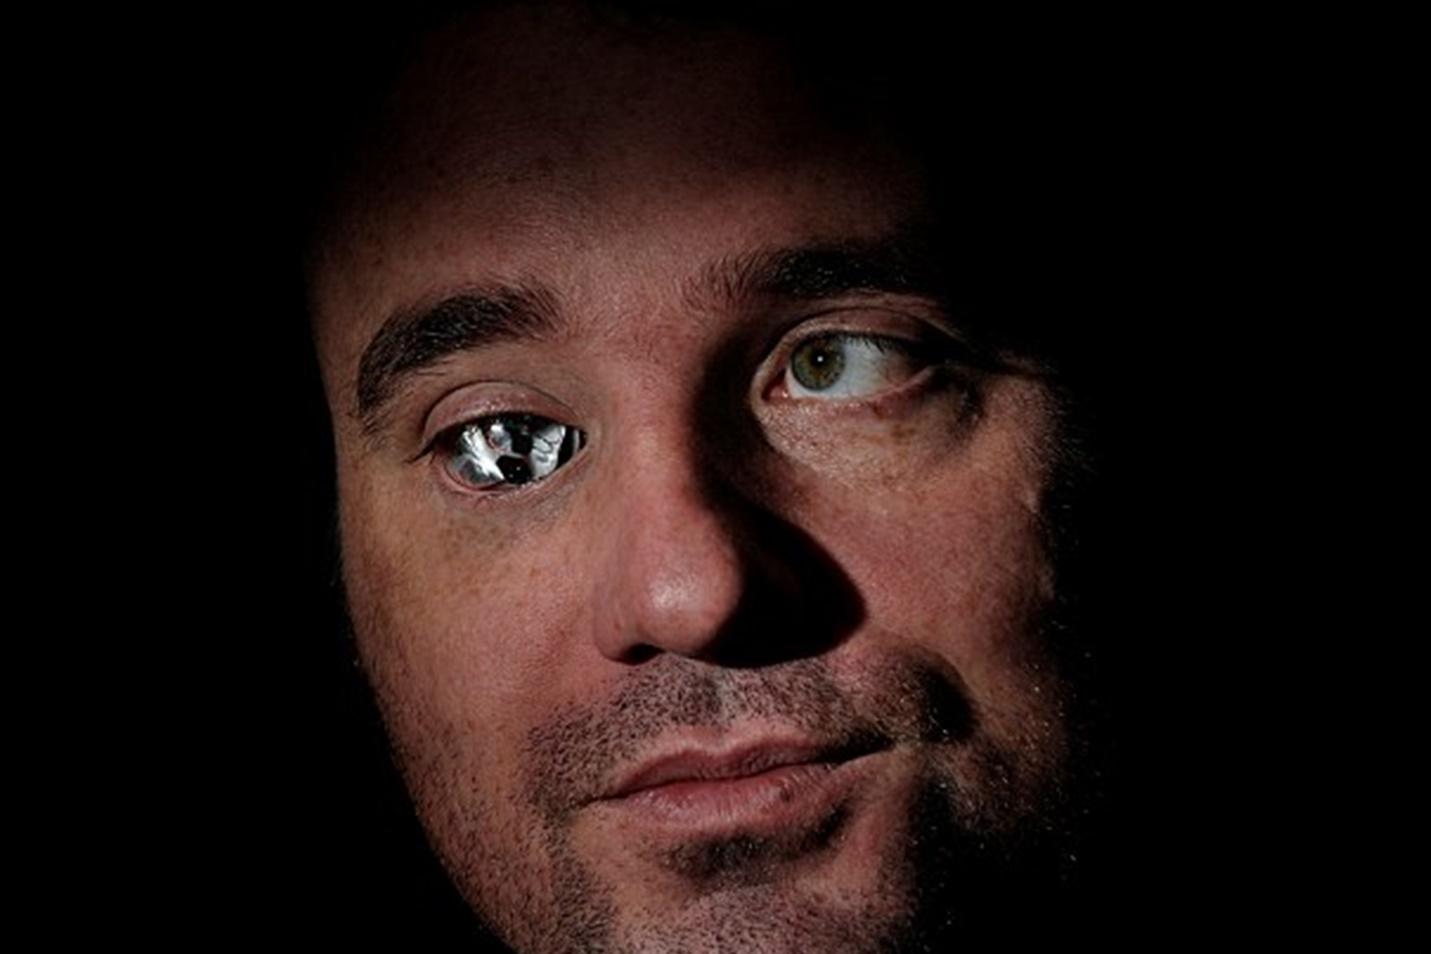 Imagem de Eyeborg: canadense implanta câmera dentro de seu olho de vidro [vídeo] no tecmundo